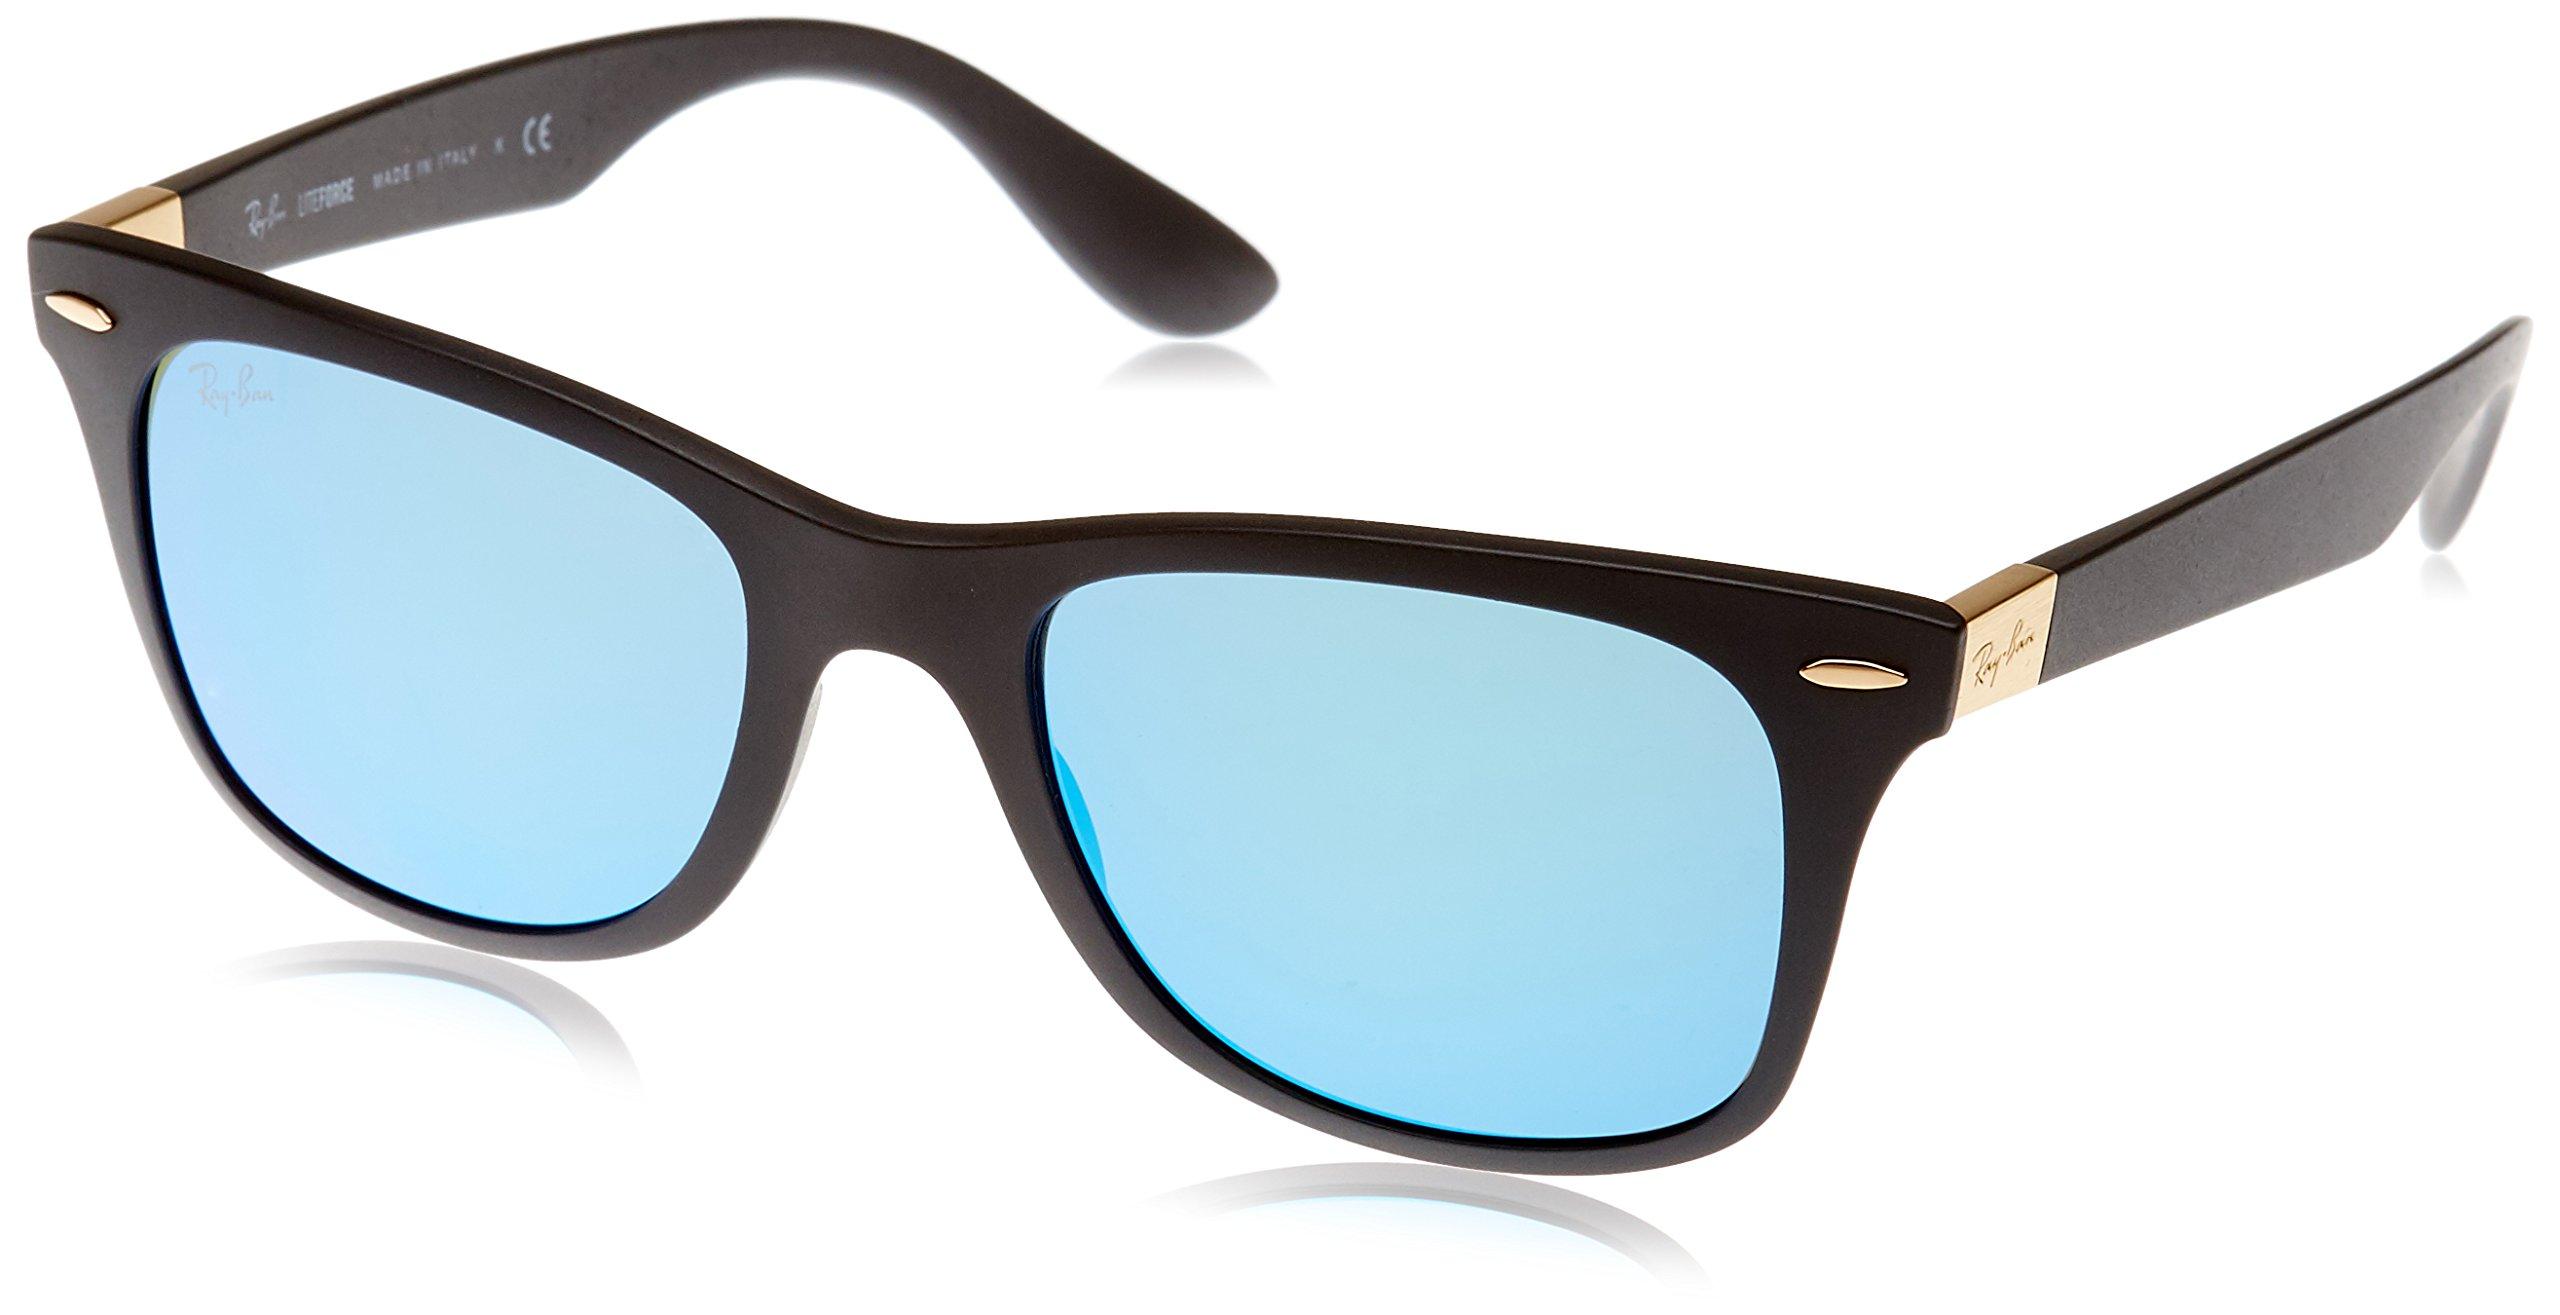 Montures De Homme Ray 4195 Black Flash52 ban LunettesNoirmatte blue SzpGUMqV